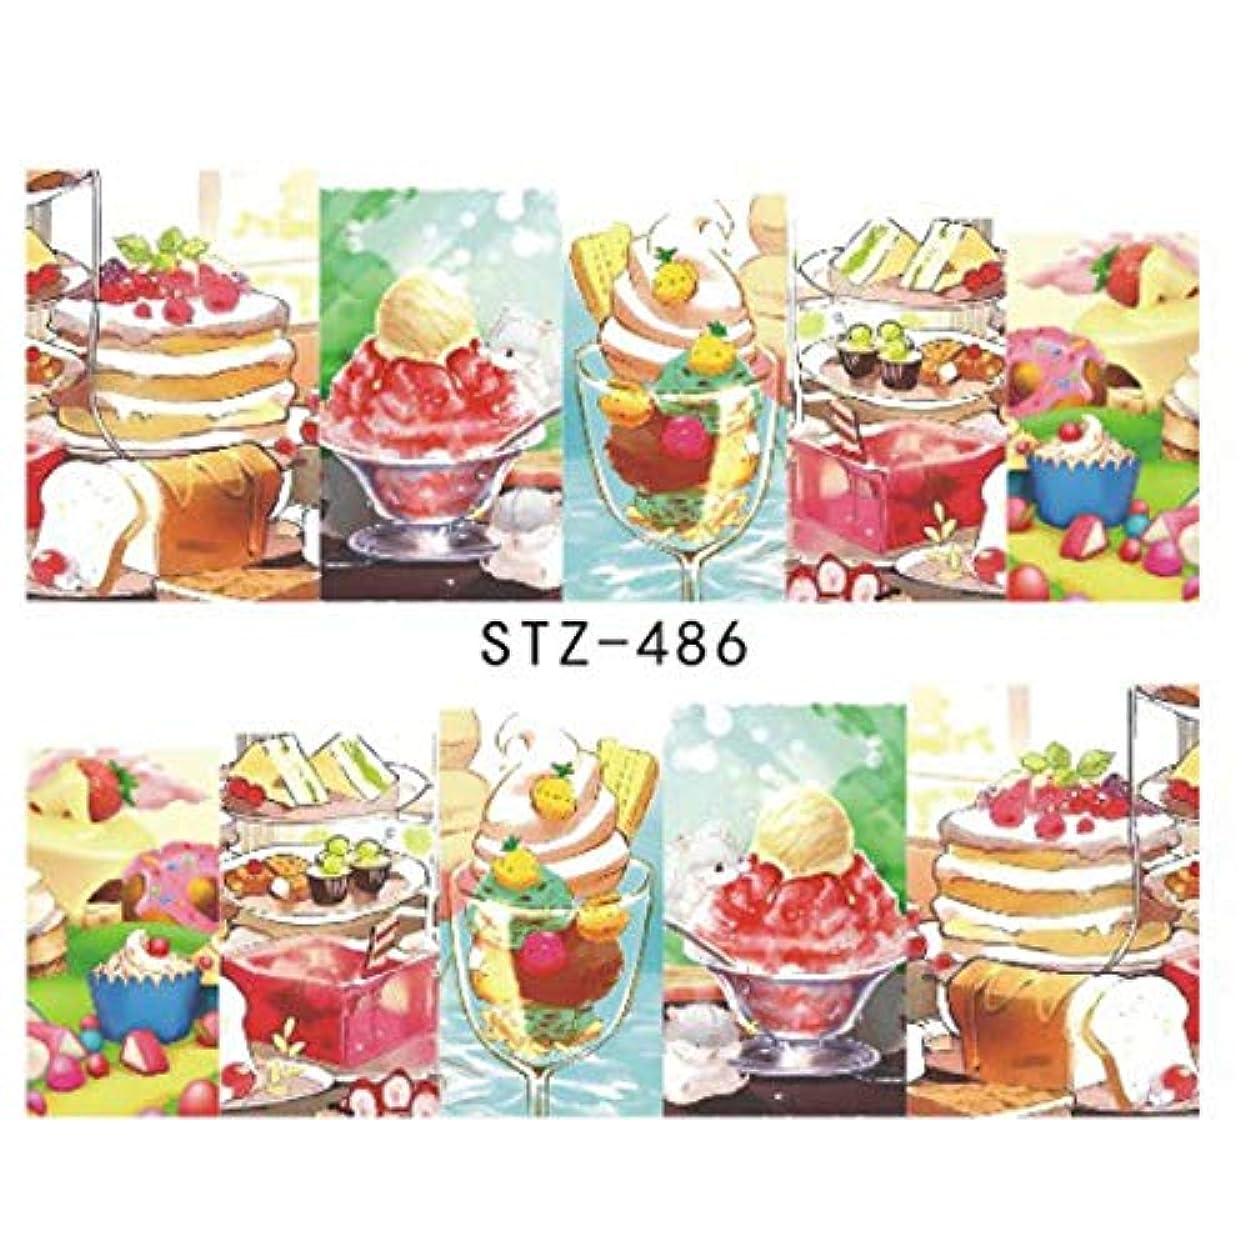 軽食派生するところでSUKTI&XIAO ネイルステッカー 1シートおいしいケーキクールドリンクアイスクリームスライダーネイルアート水デカールステッカー用ネイルアートタトゥー装飾マニキュア、Stz486